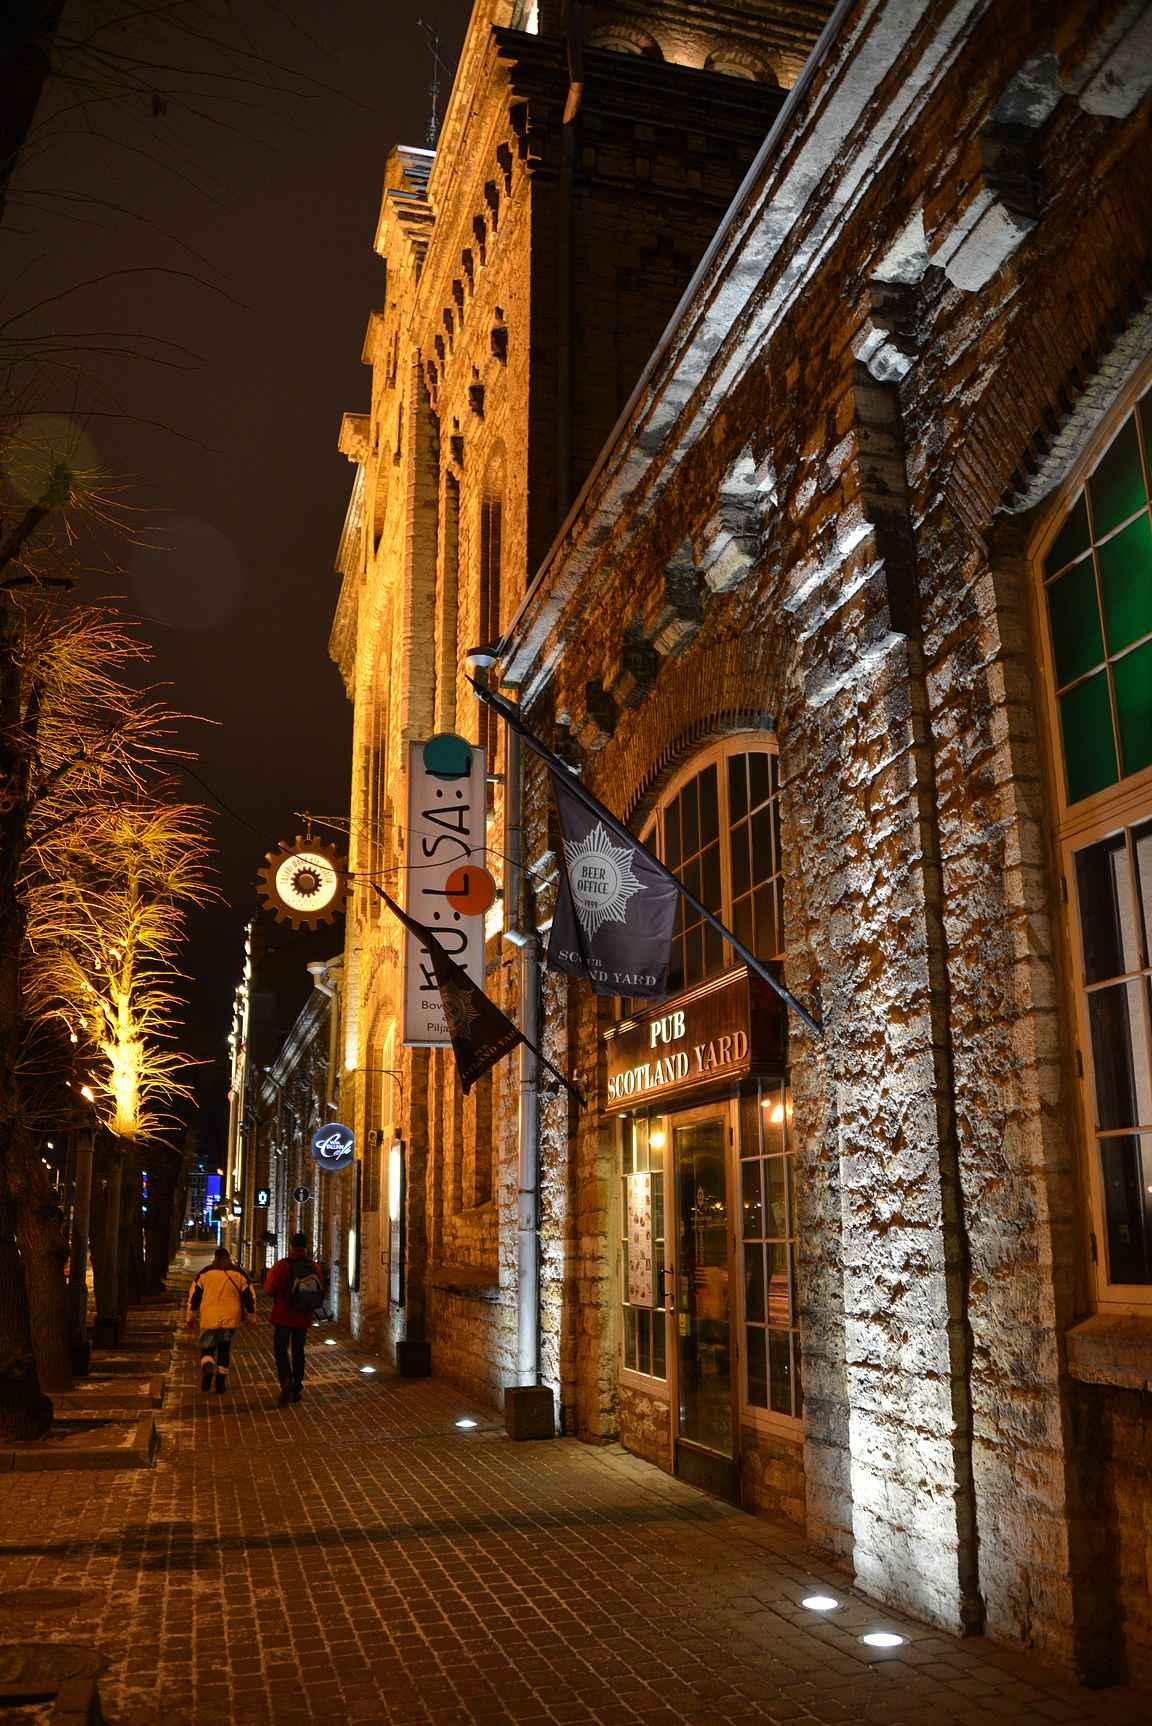 Scotland Yard Pub on Rotermannin laadukkaiden ruokaravintoloiden jatkeena.